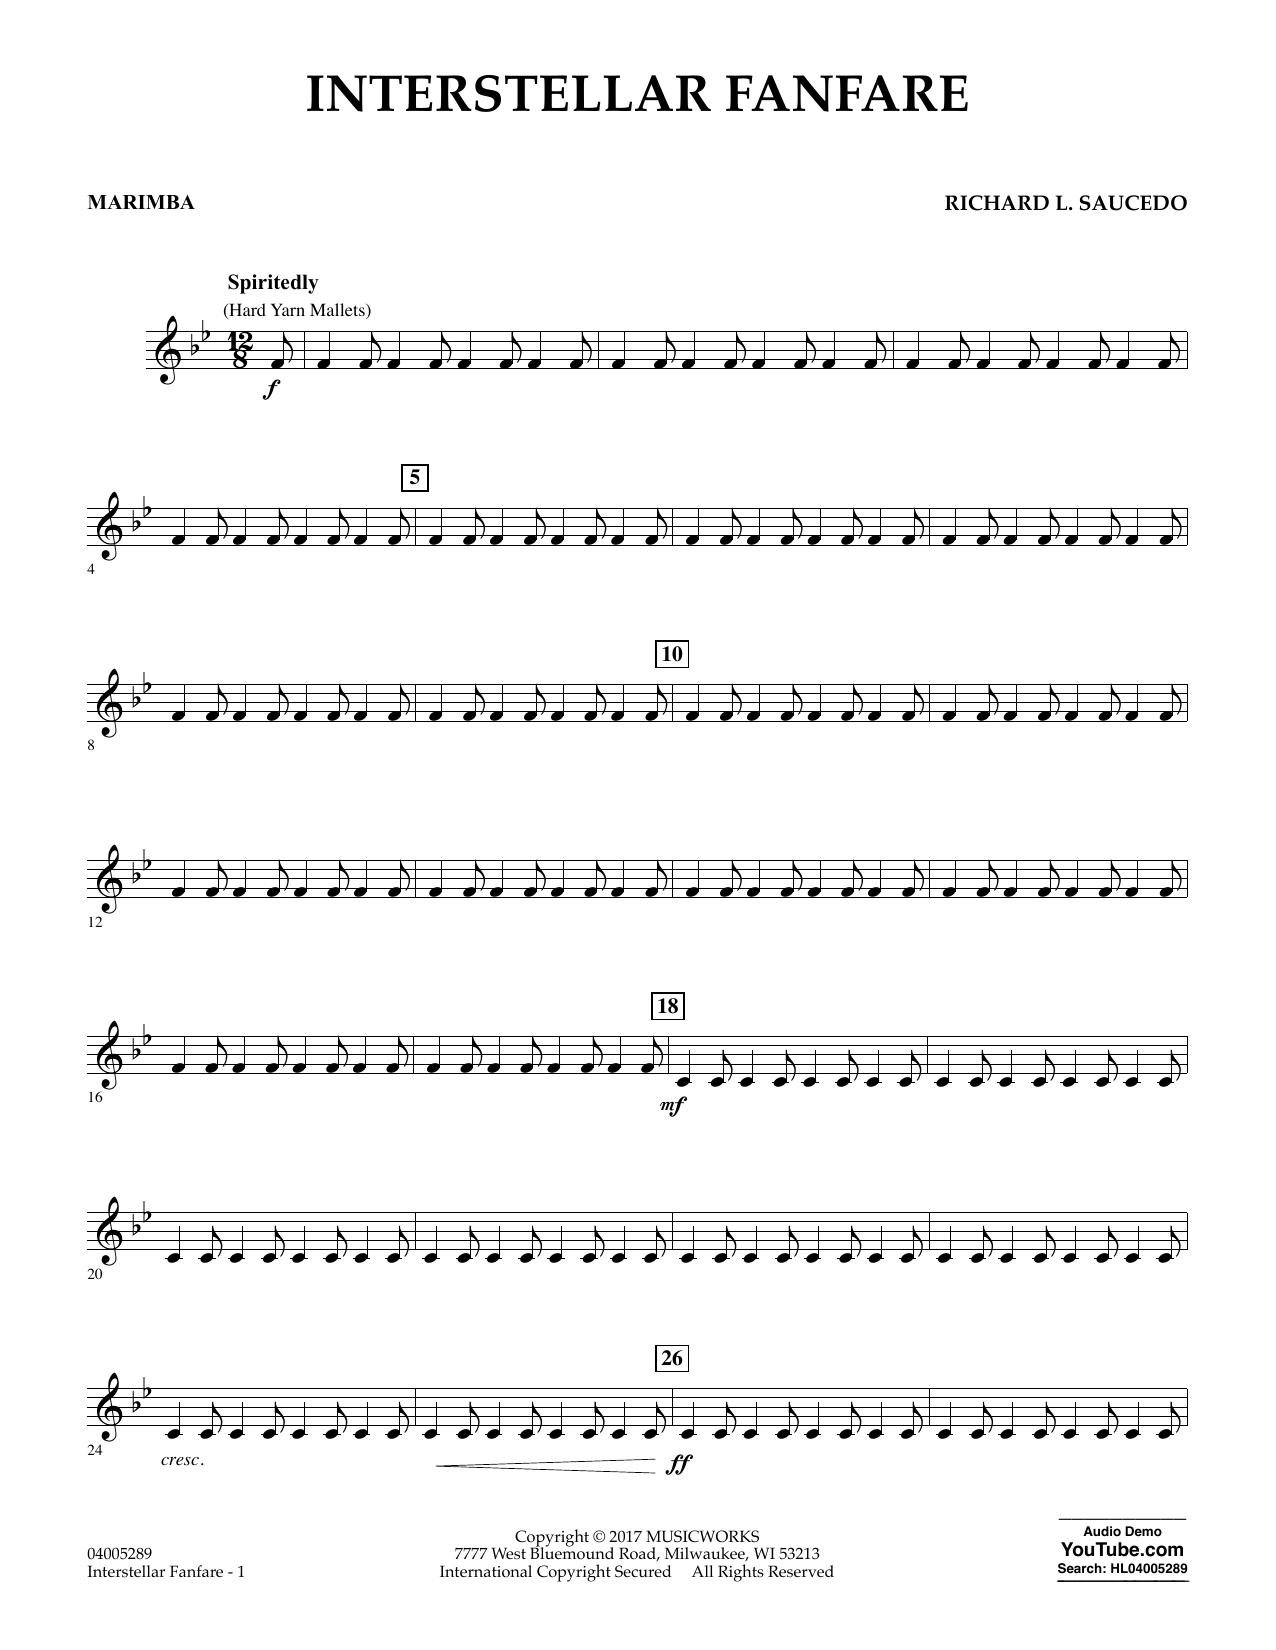 Richard L. Saucedo Interstellar Fanfare - Marimba sheet music notes printable PDF score